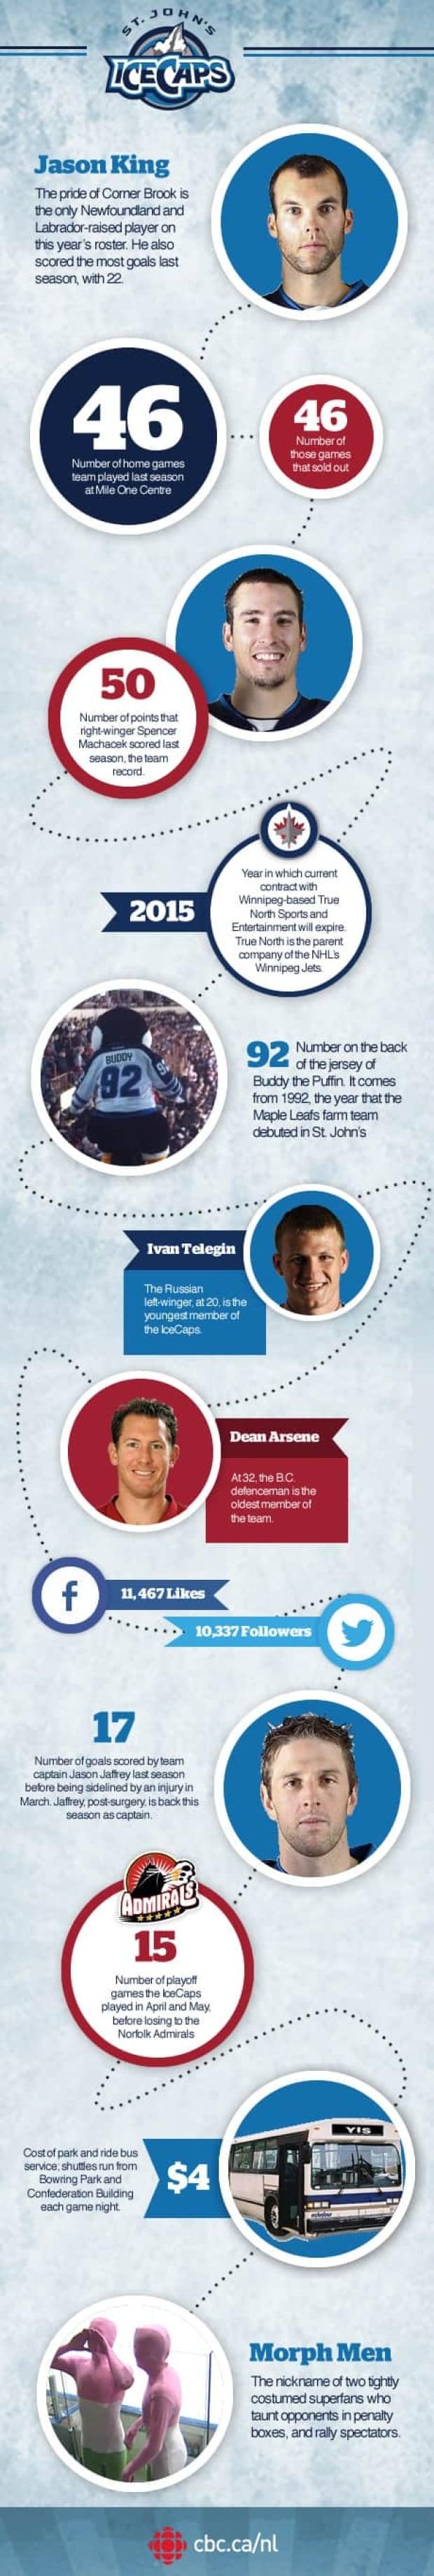 nl-icecaps-infographic-20121019